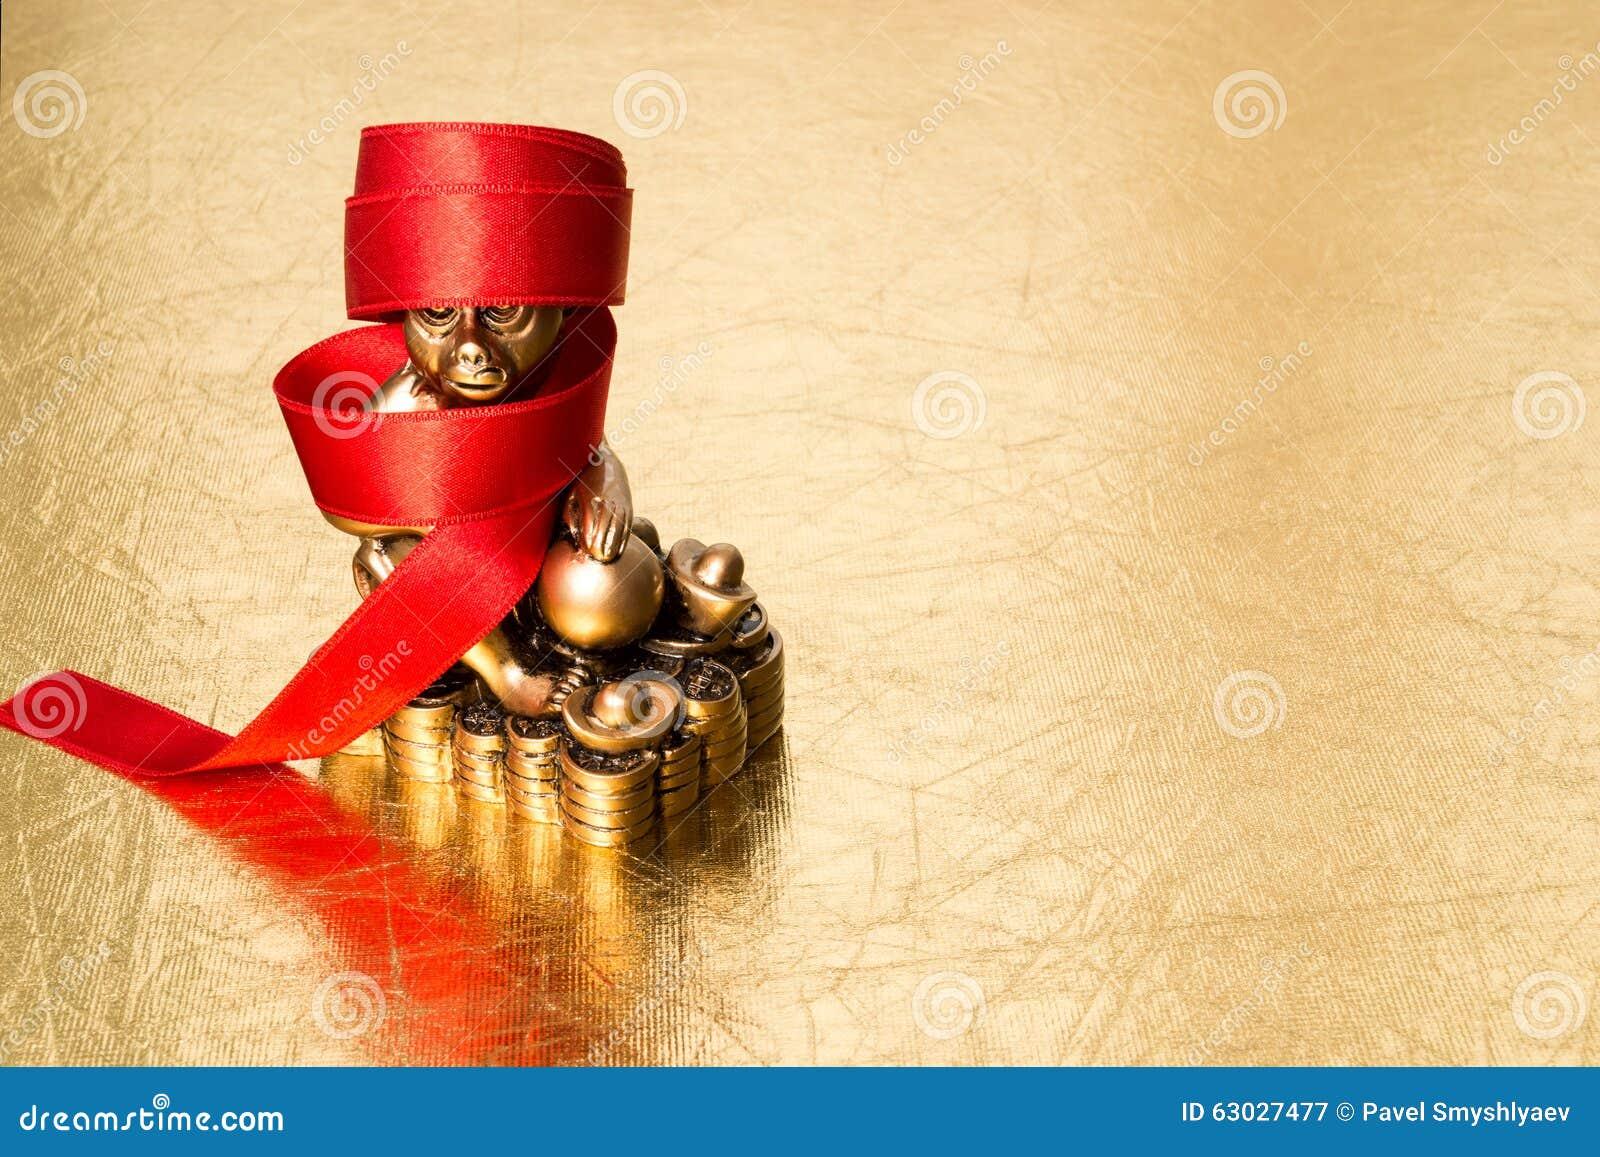 Monkey le symbole de la nouvelle année chinoise 2016, et le ruban rouge